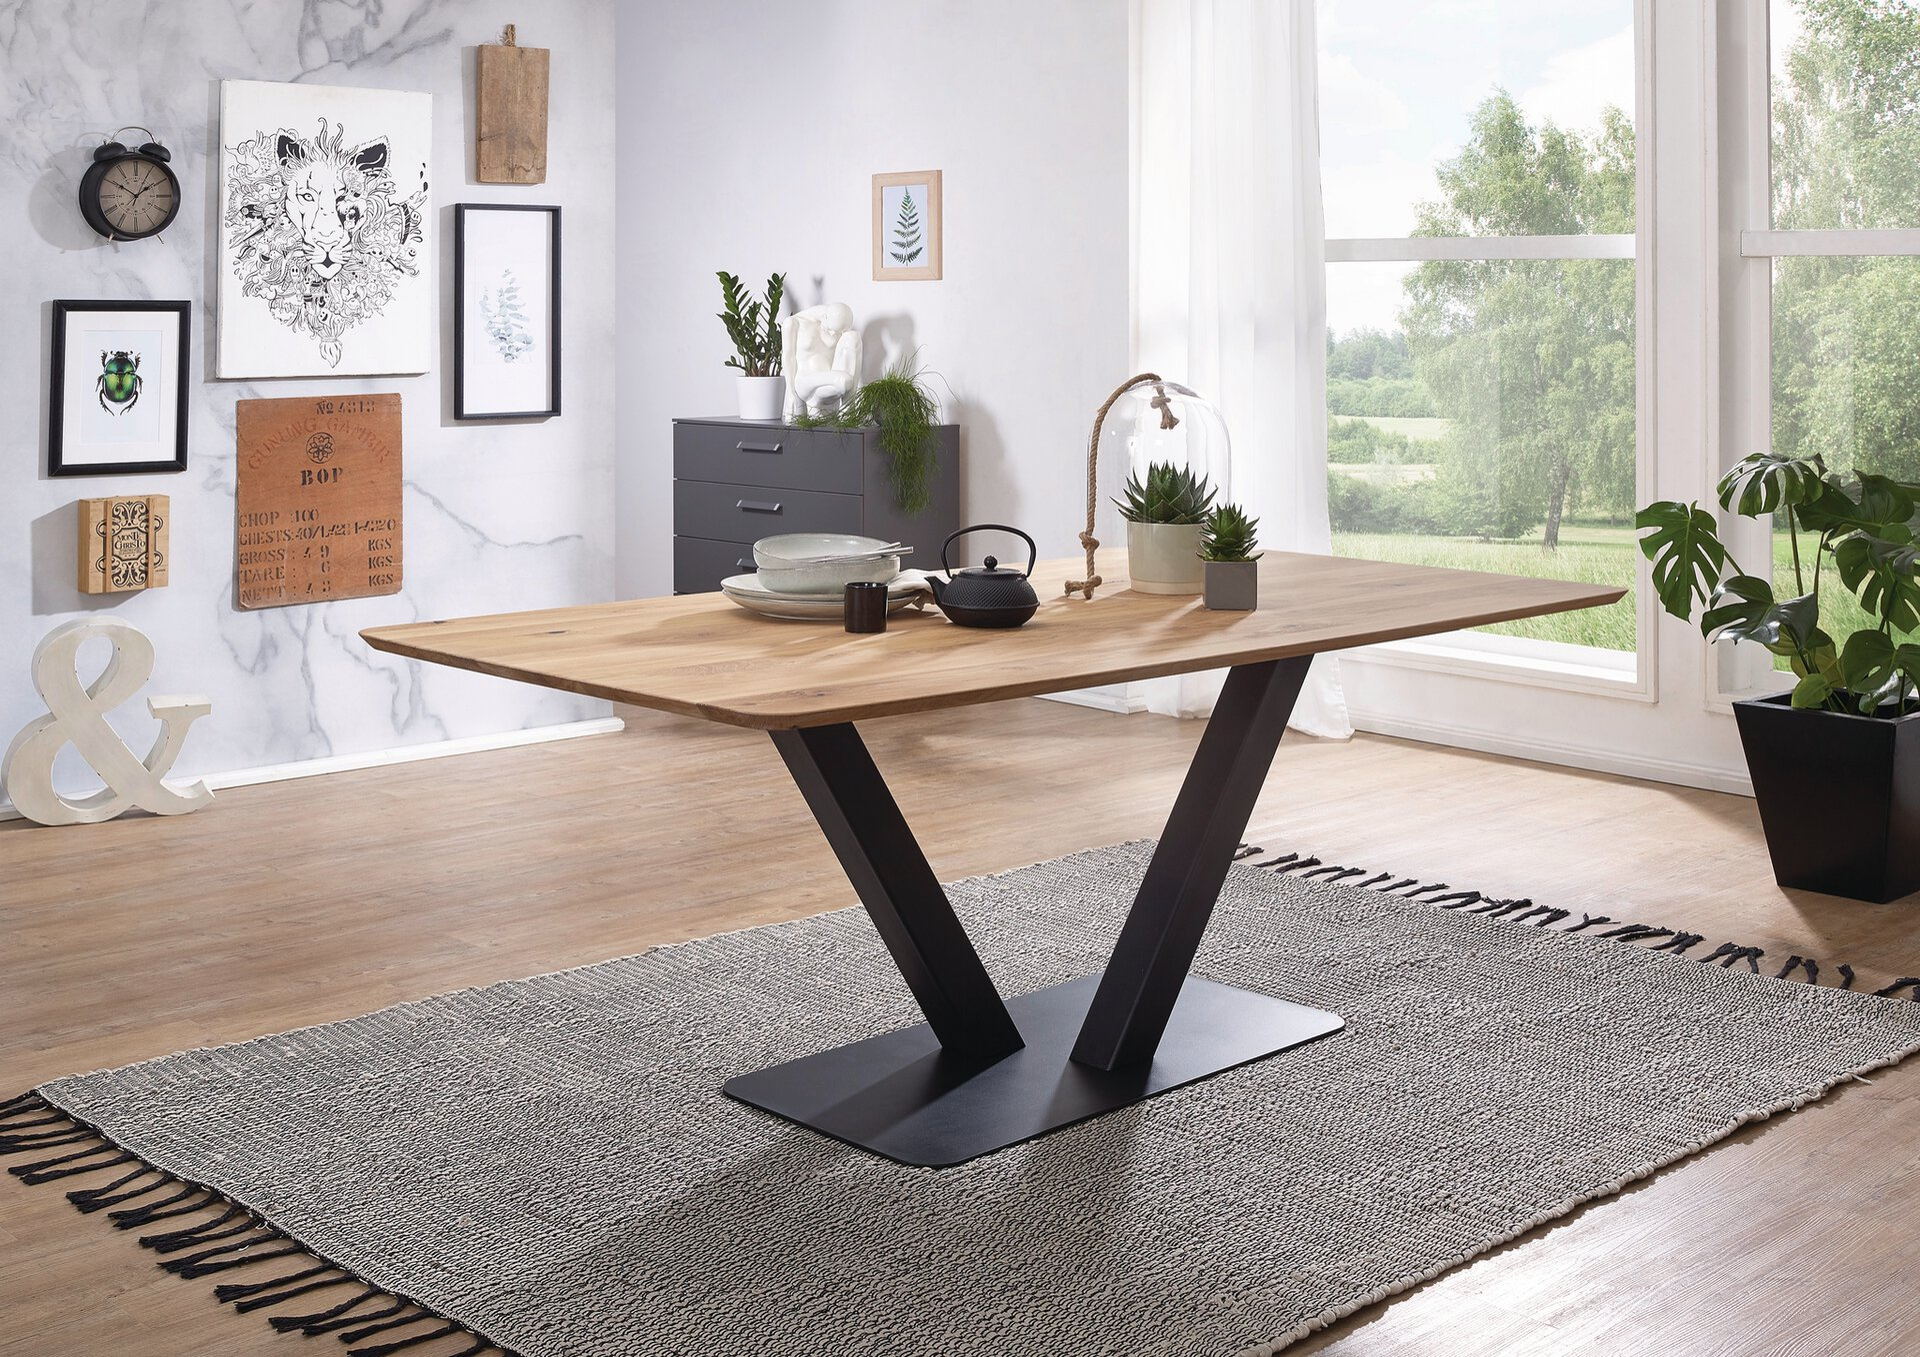 Esstisch TI-0541 Dinett Holz braun 100 x 75 x 200 cm